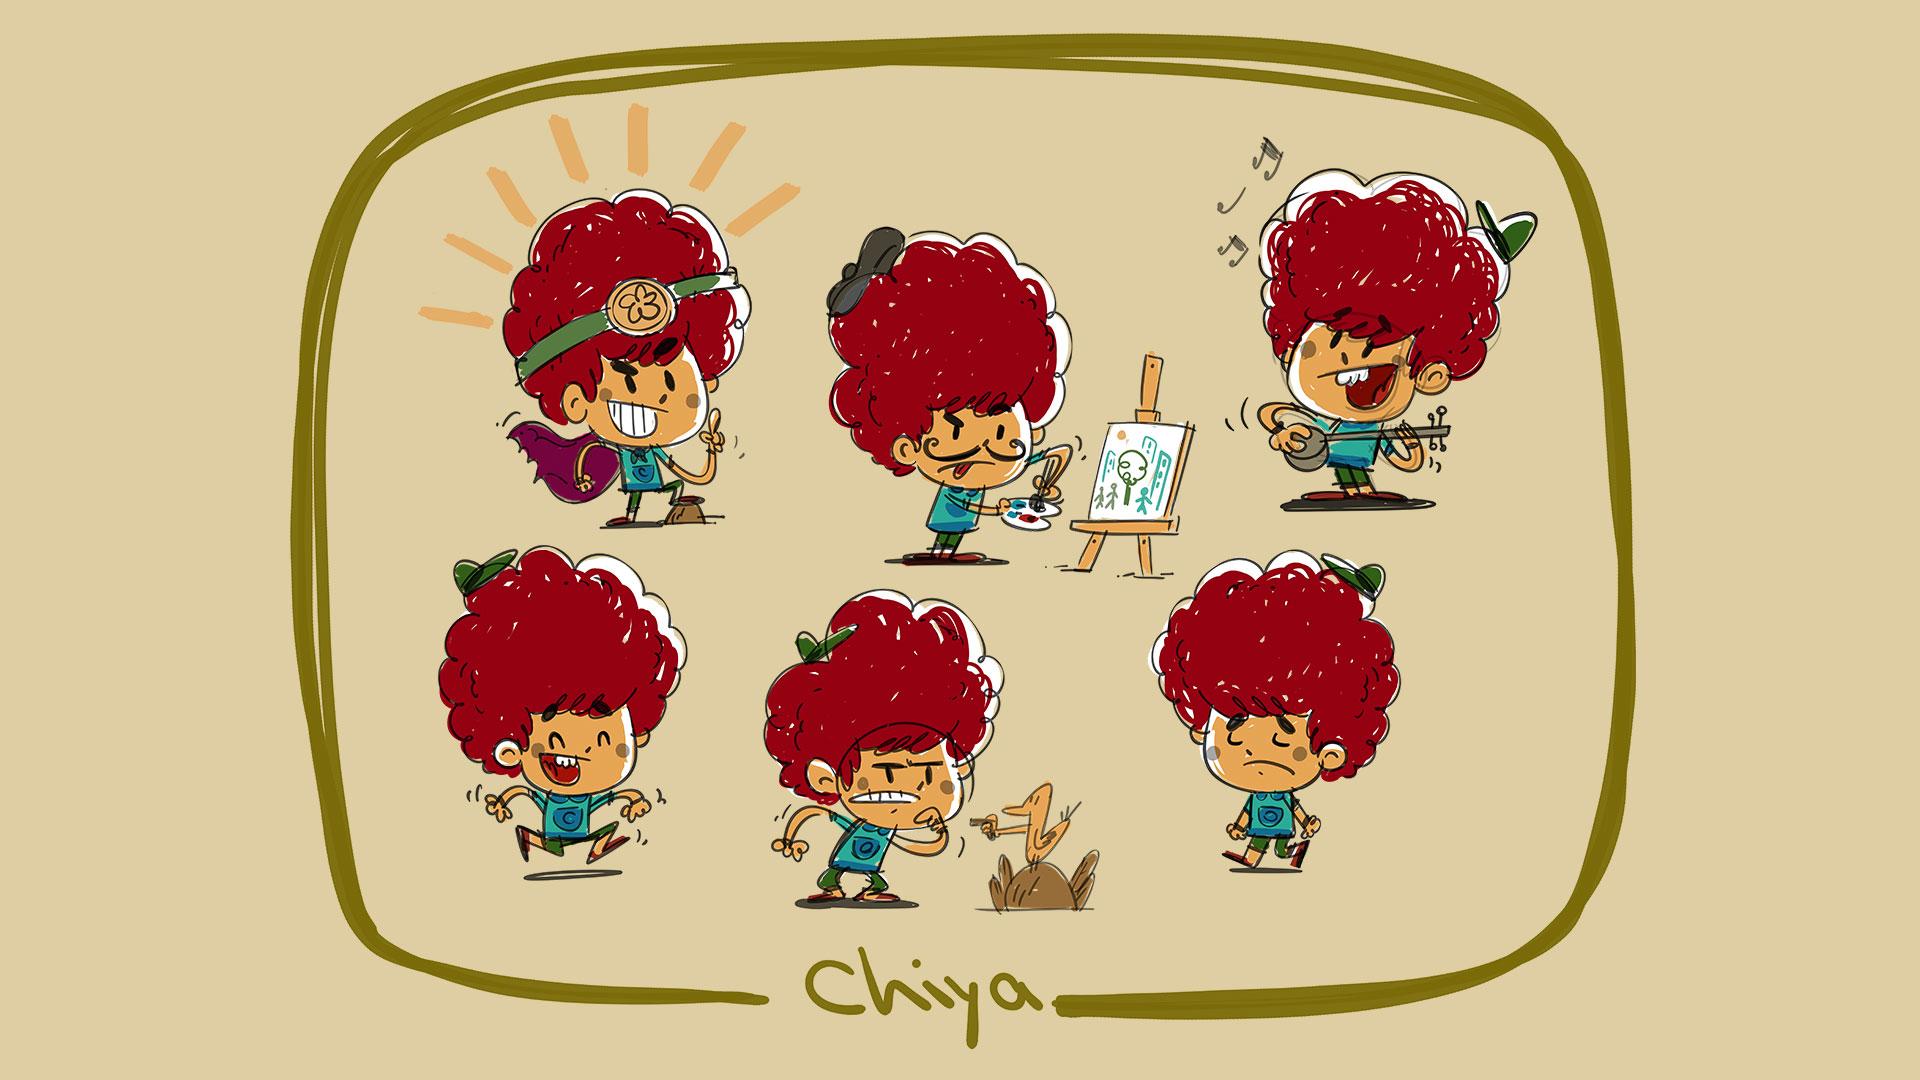 chiyaslider1